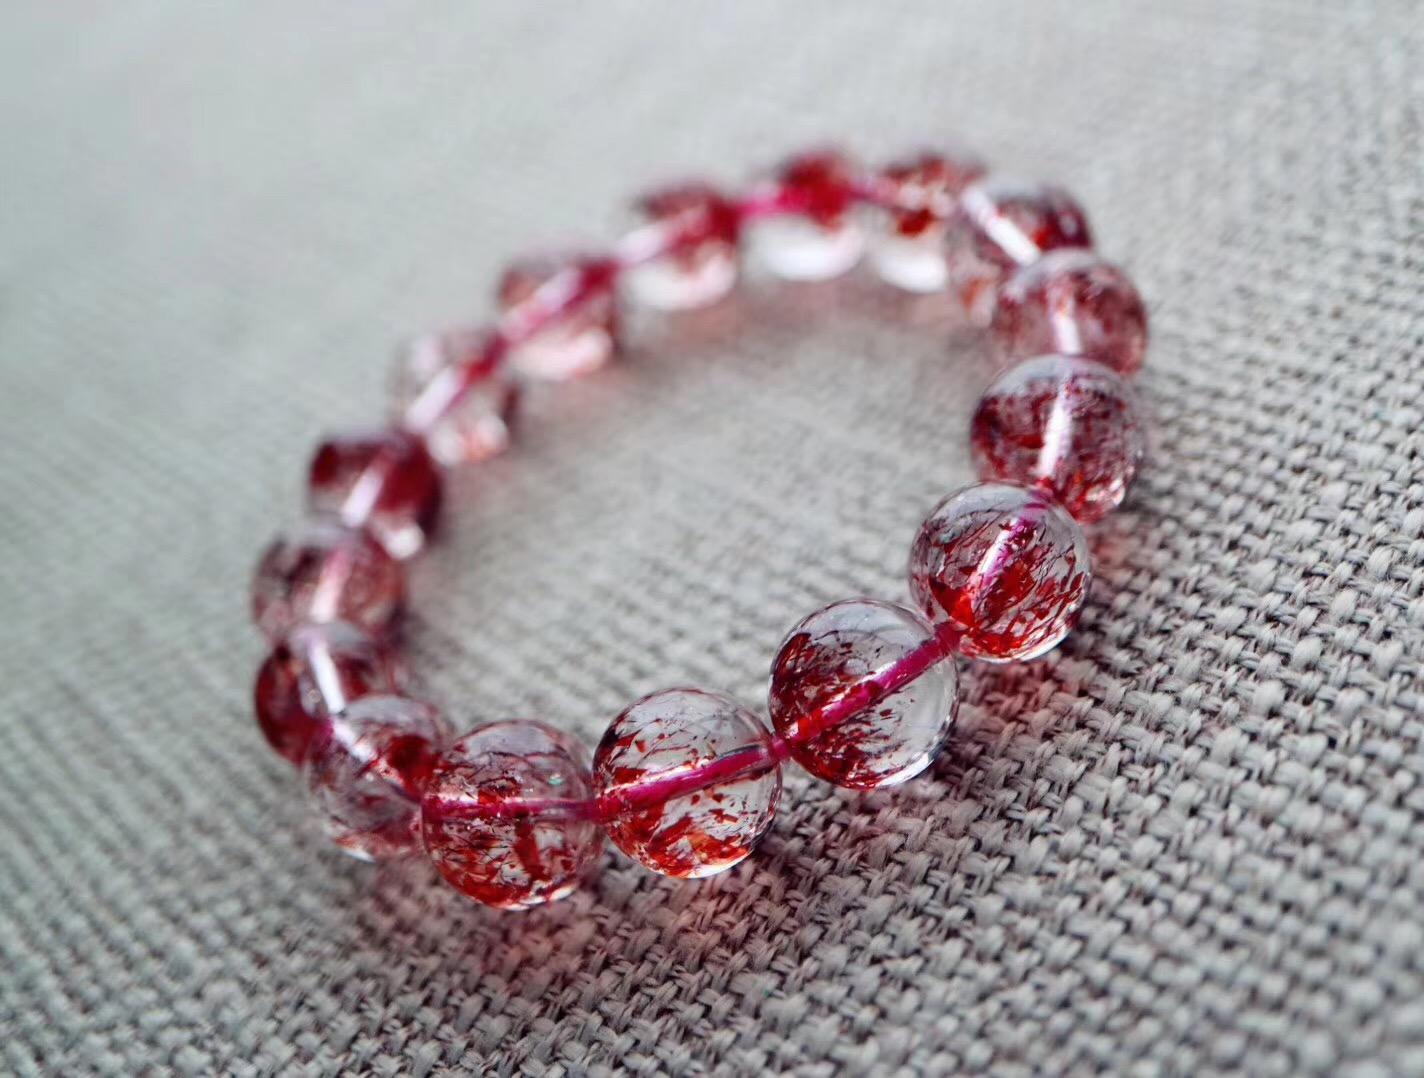 【金草莓晶   超七】品质上乘的非常稀少,灵性极高-菩心晶舍